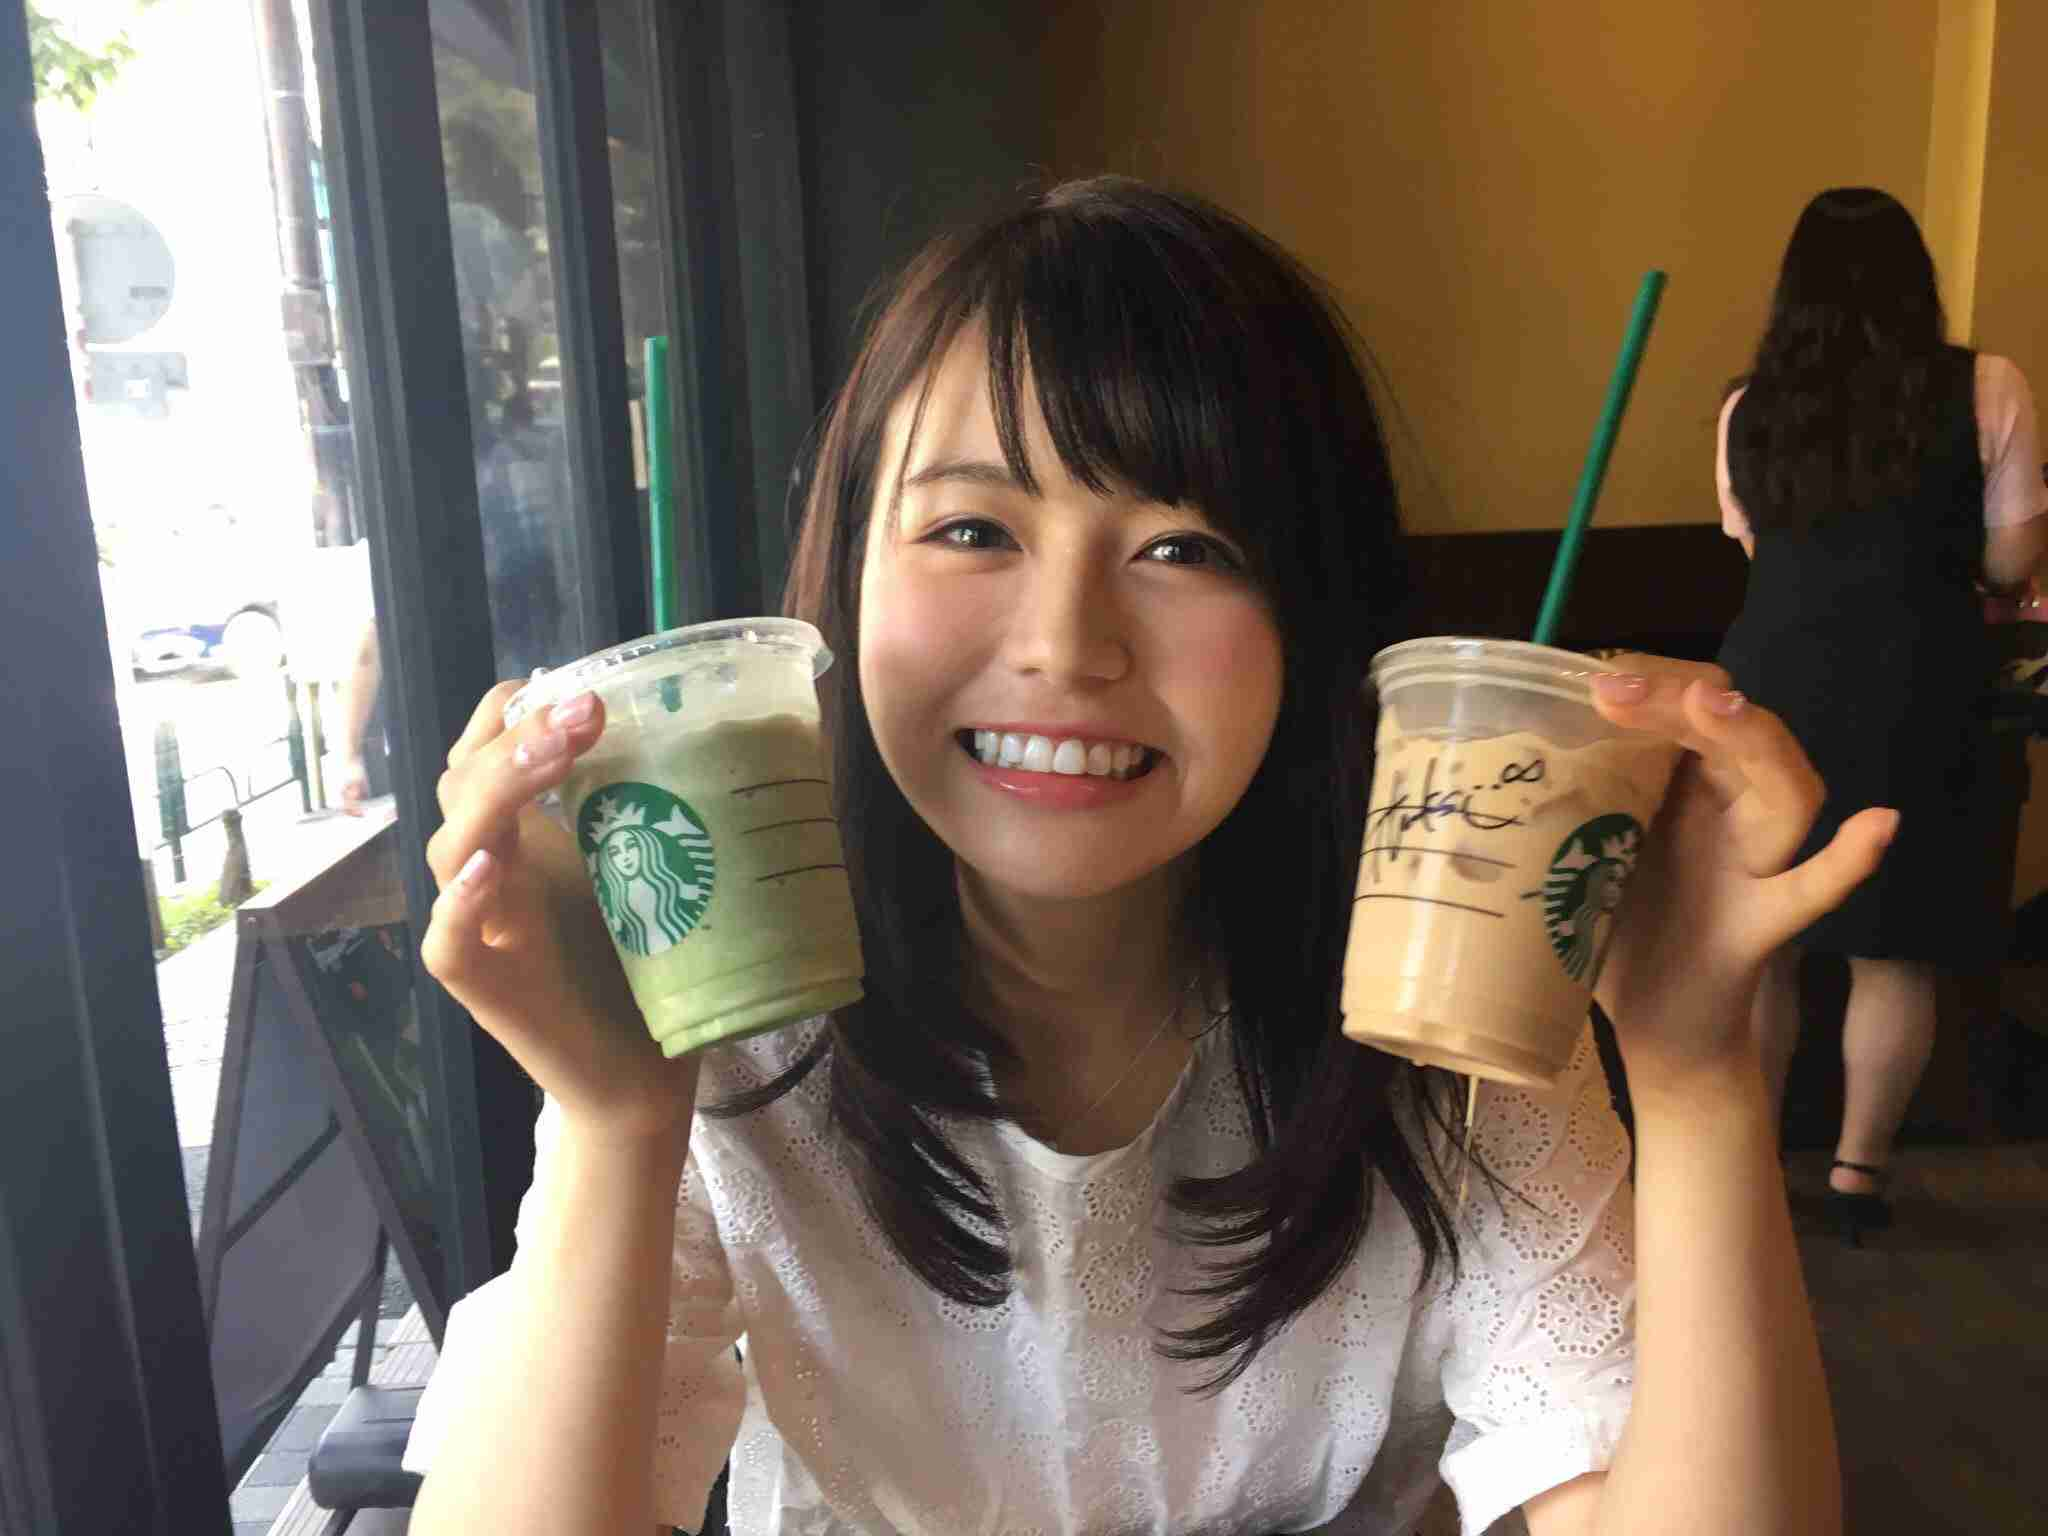 【井口綾子、性格悪すぎ問題】準ミス青山・井口綾子が自演バレで性悪ビッチであることが発覚!